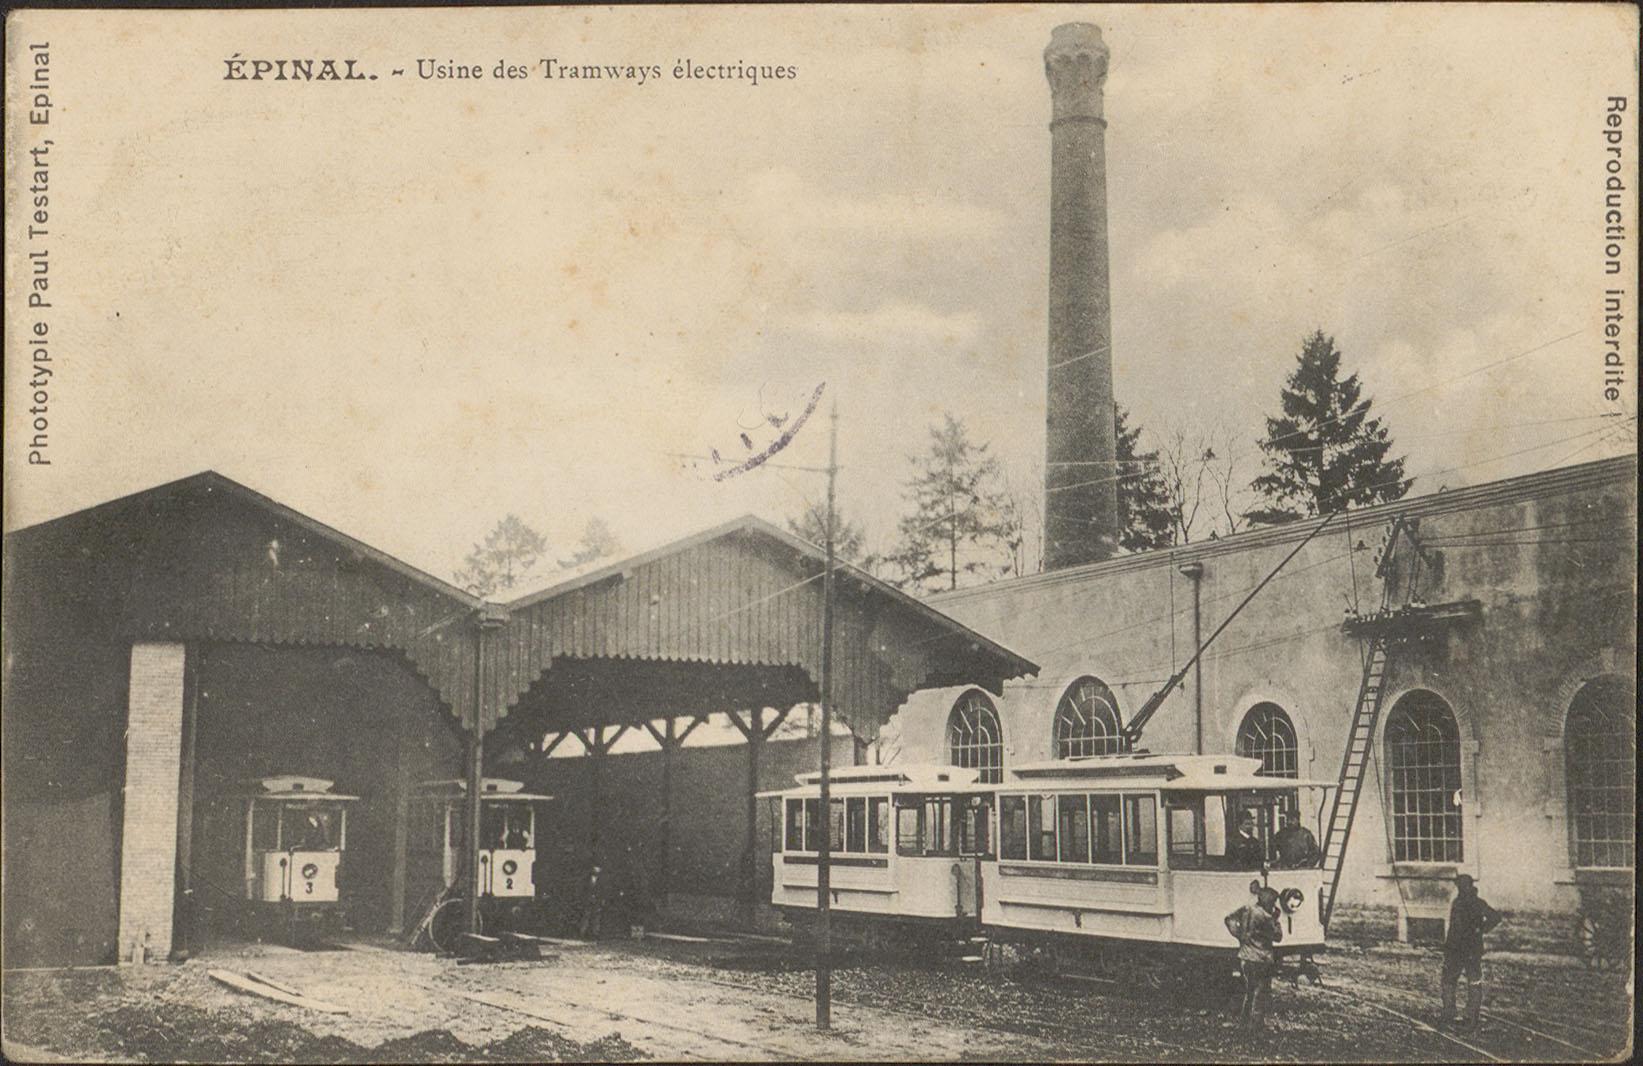 Contenu du Épinal, Usine des Tramways électriques